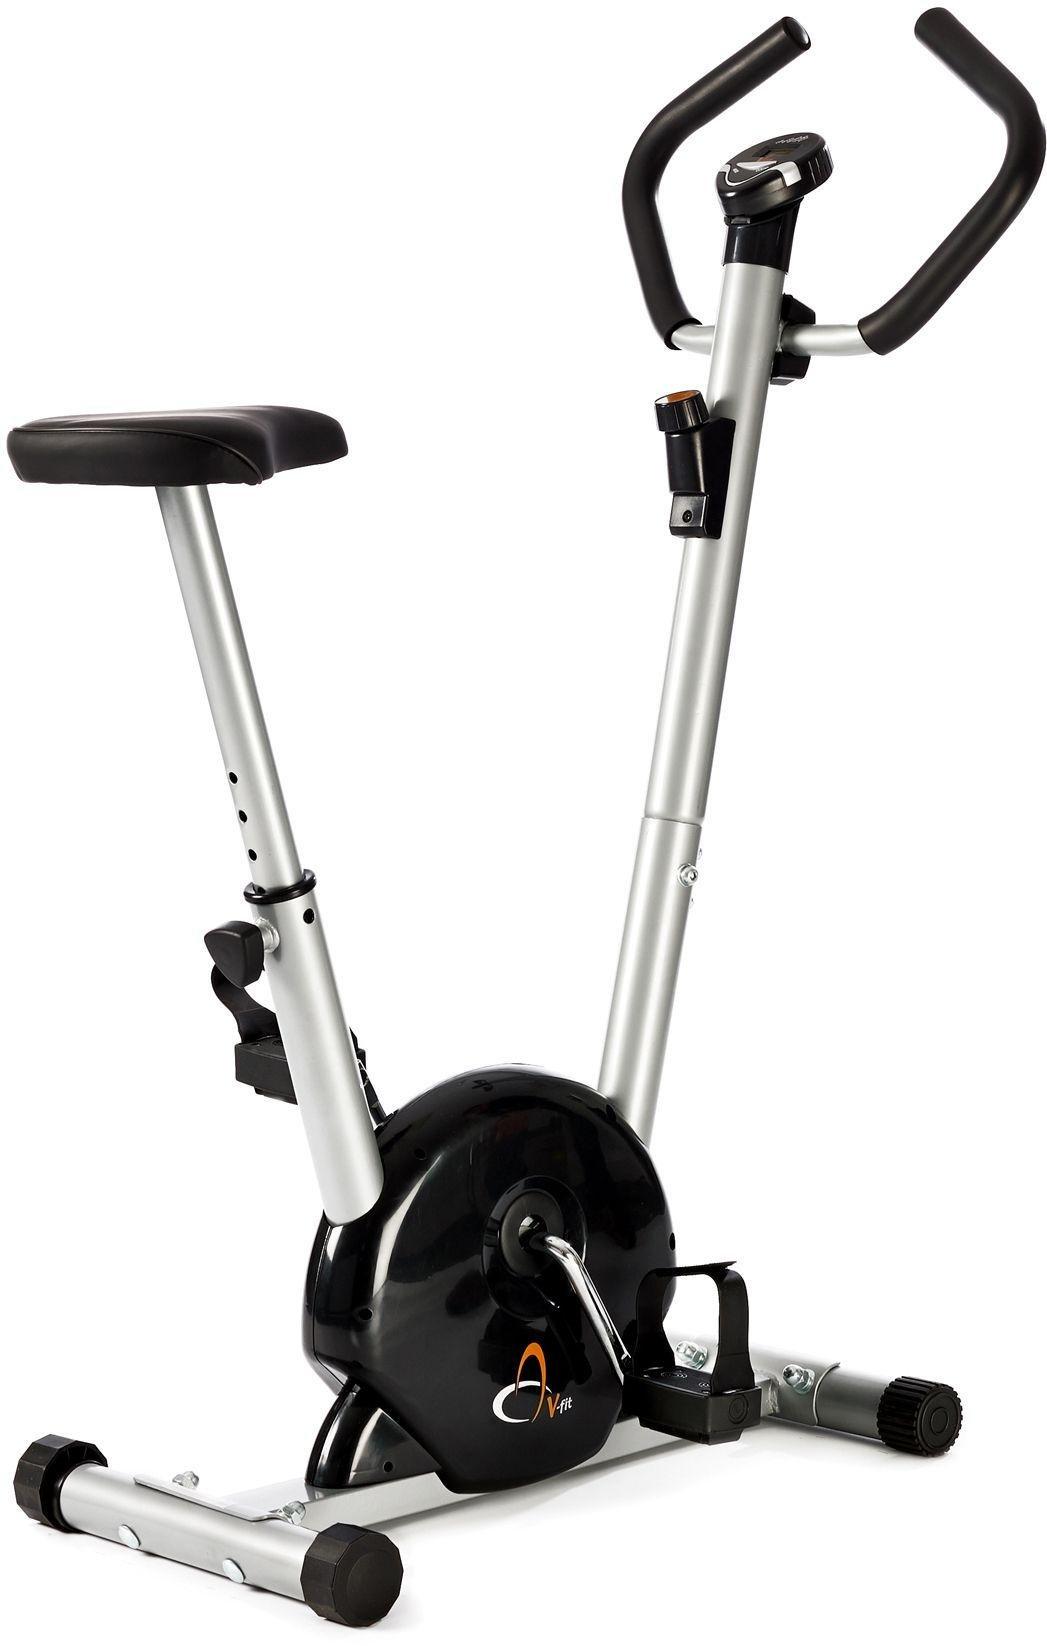 V-Fit FSCY Fit-Start Exercise Bike